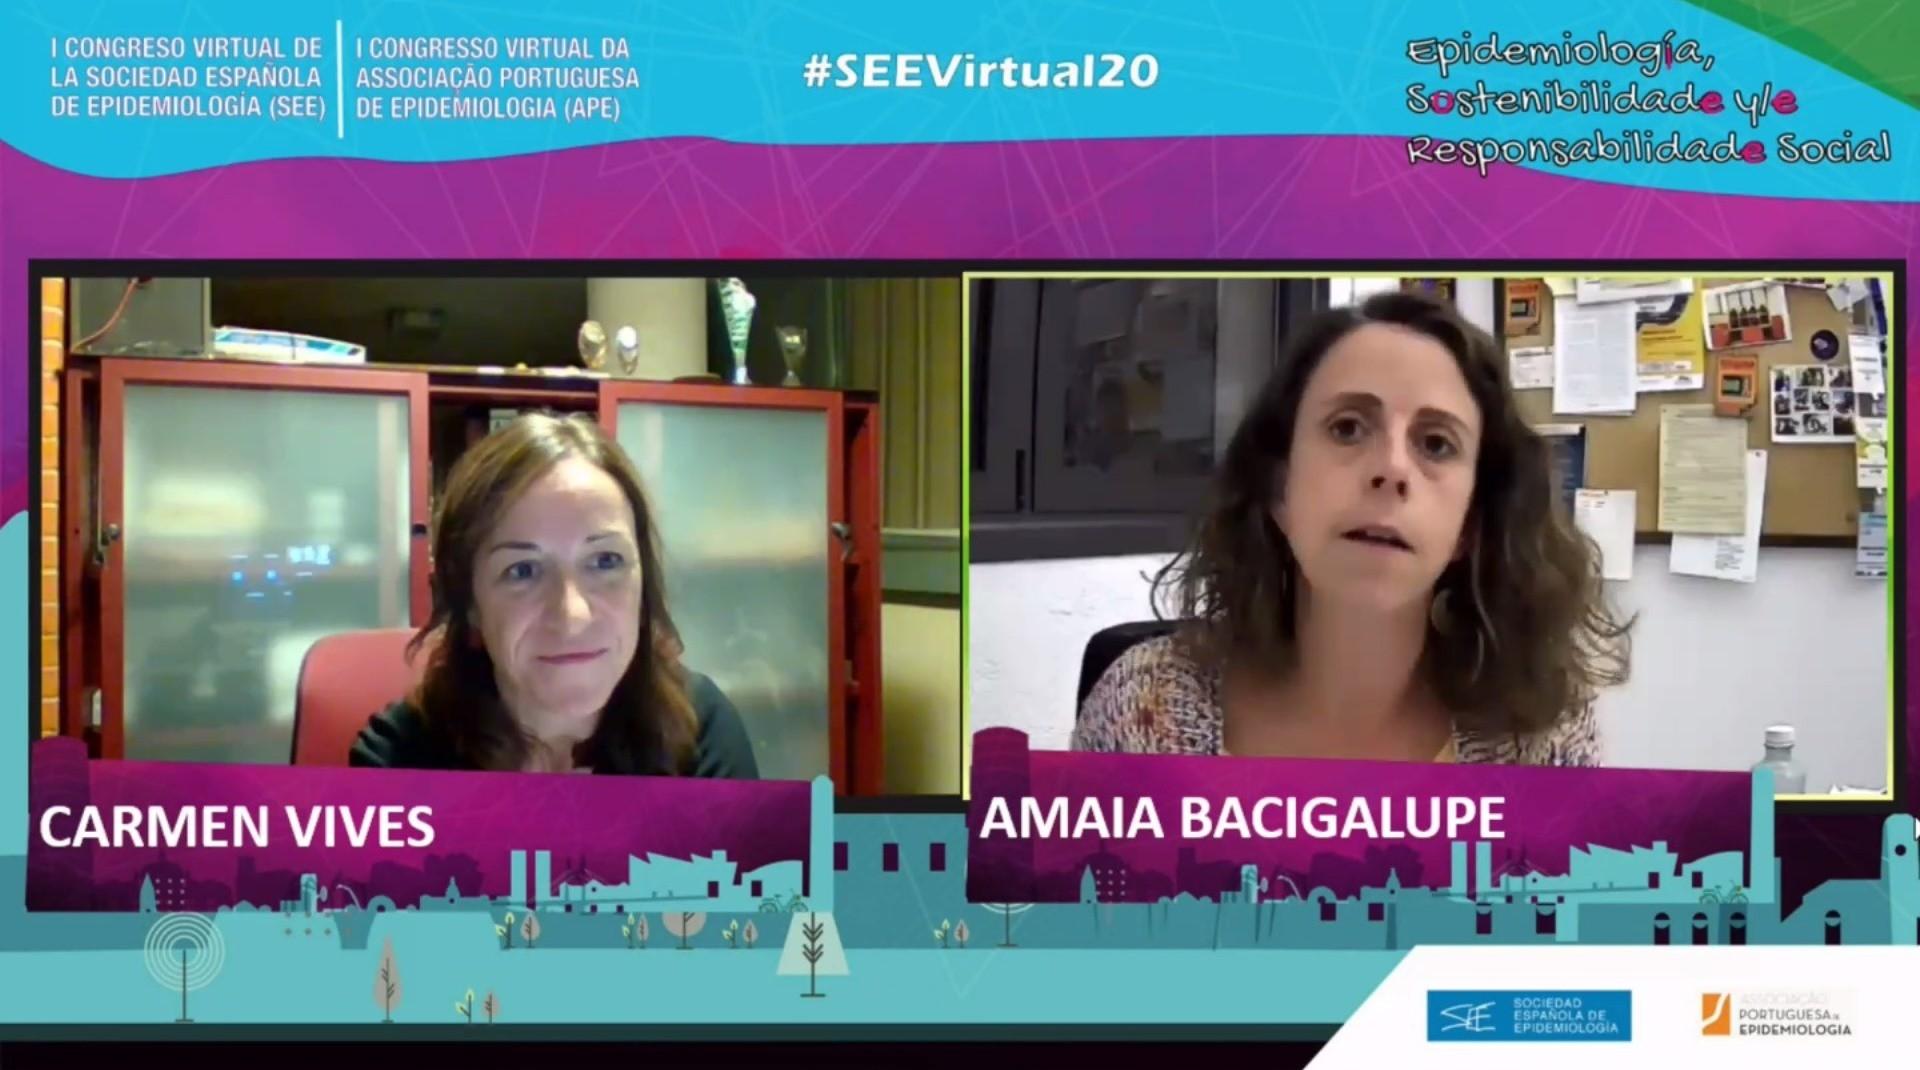 La Sociedad Española de Epidemiología señala la desigualdad social y el cambio climático como las pandemias del siglo XXI